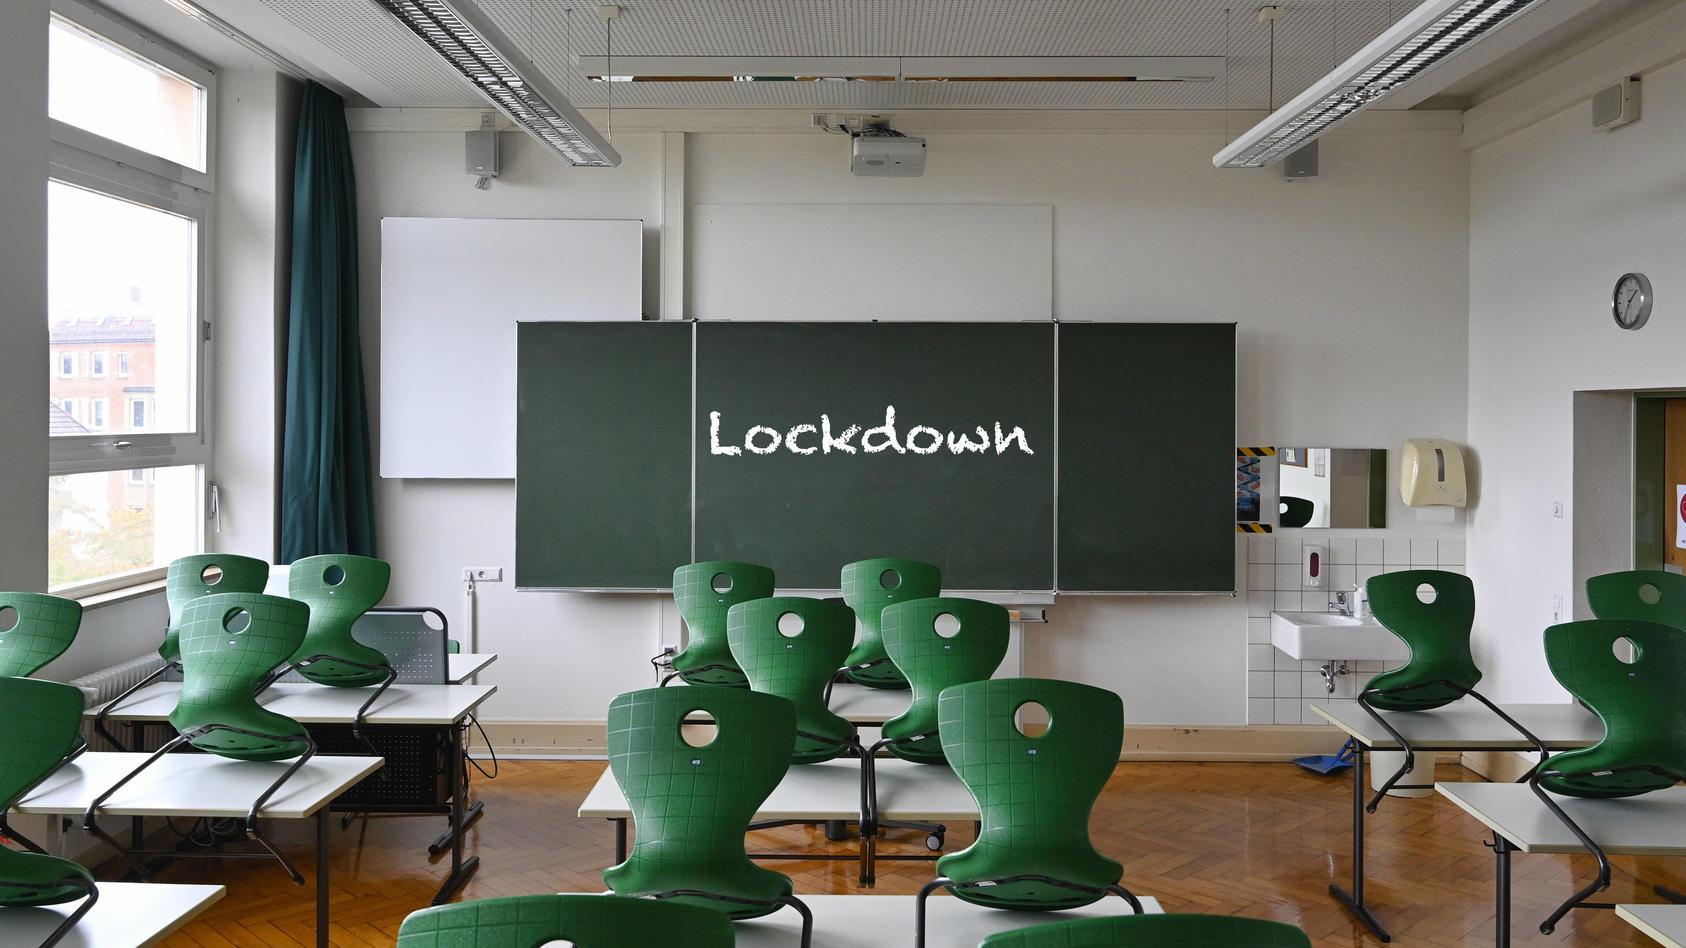 Bald wieder leere Klassenzimmer: Fällt die Bildung Corona zum Opfer?